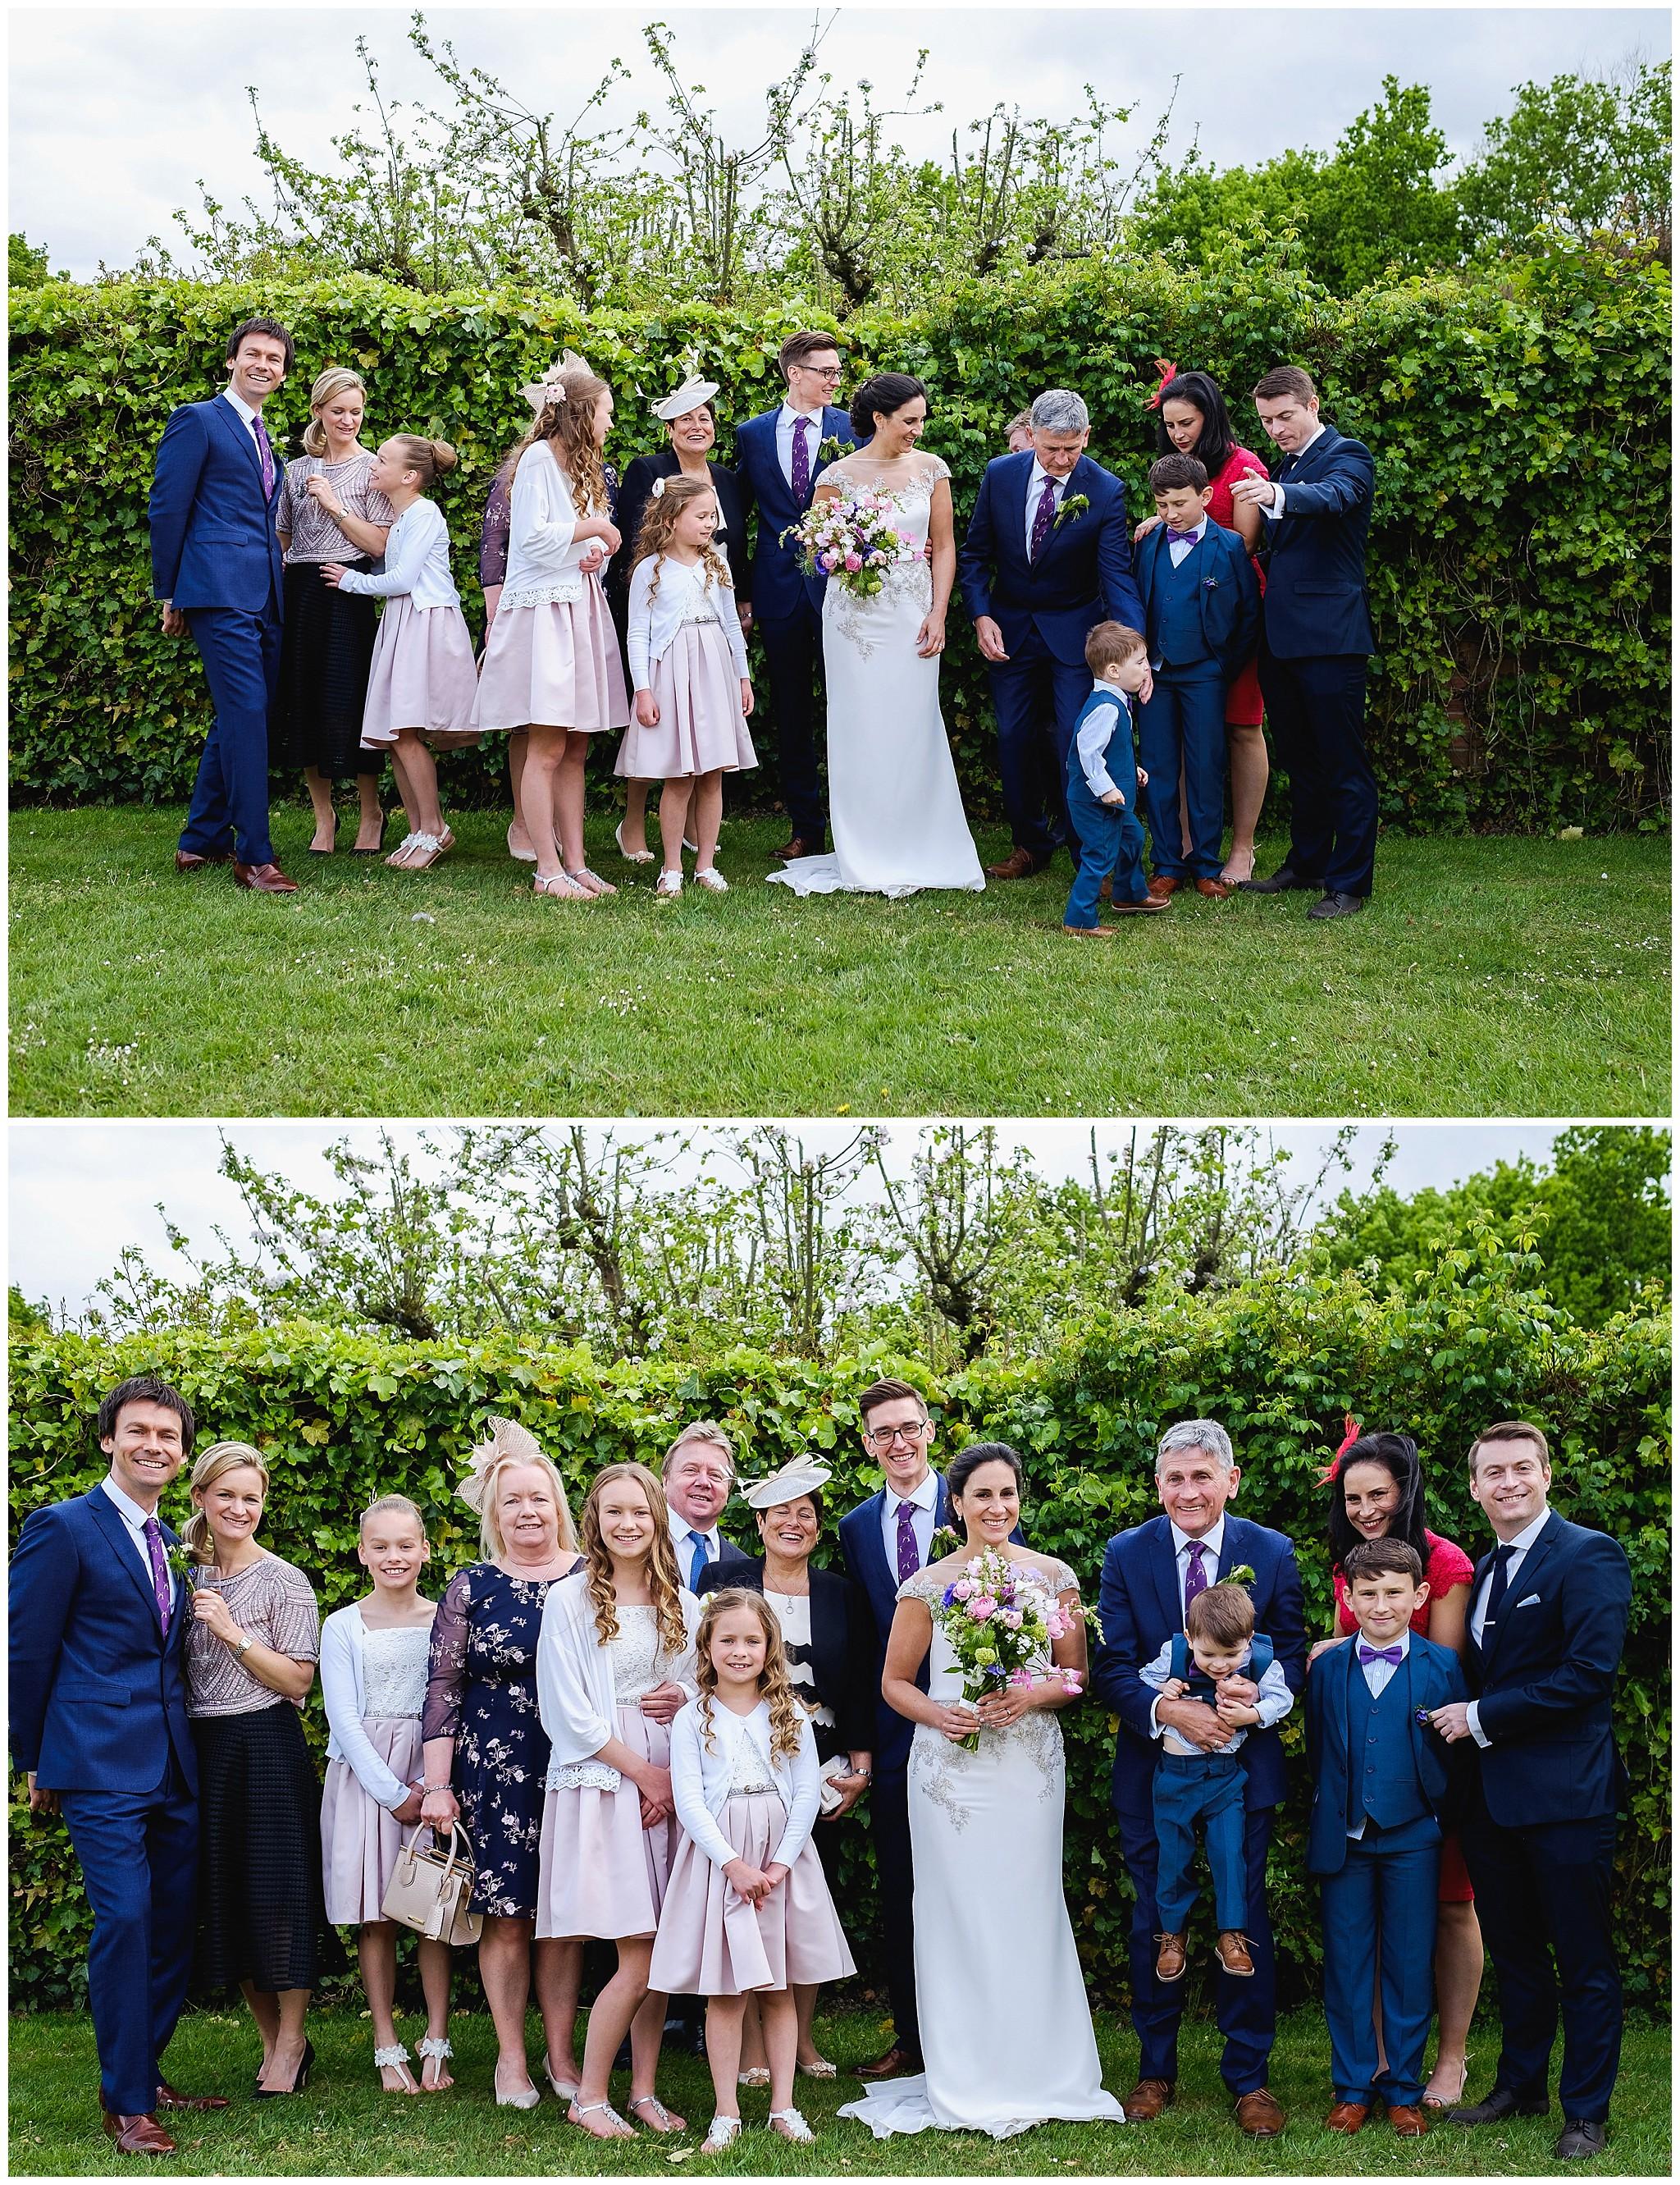 Wedding family portrait at Suffolk Barn wedding